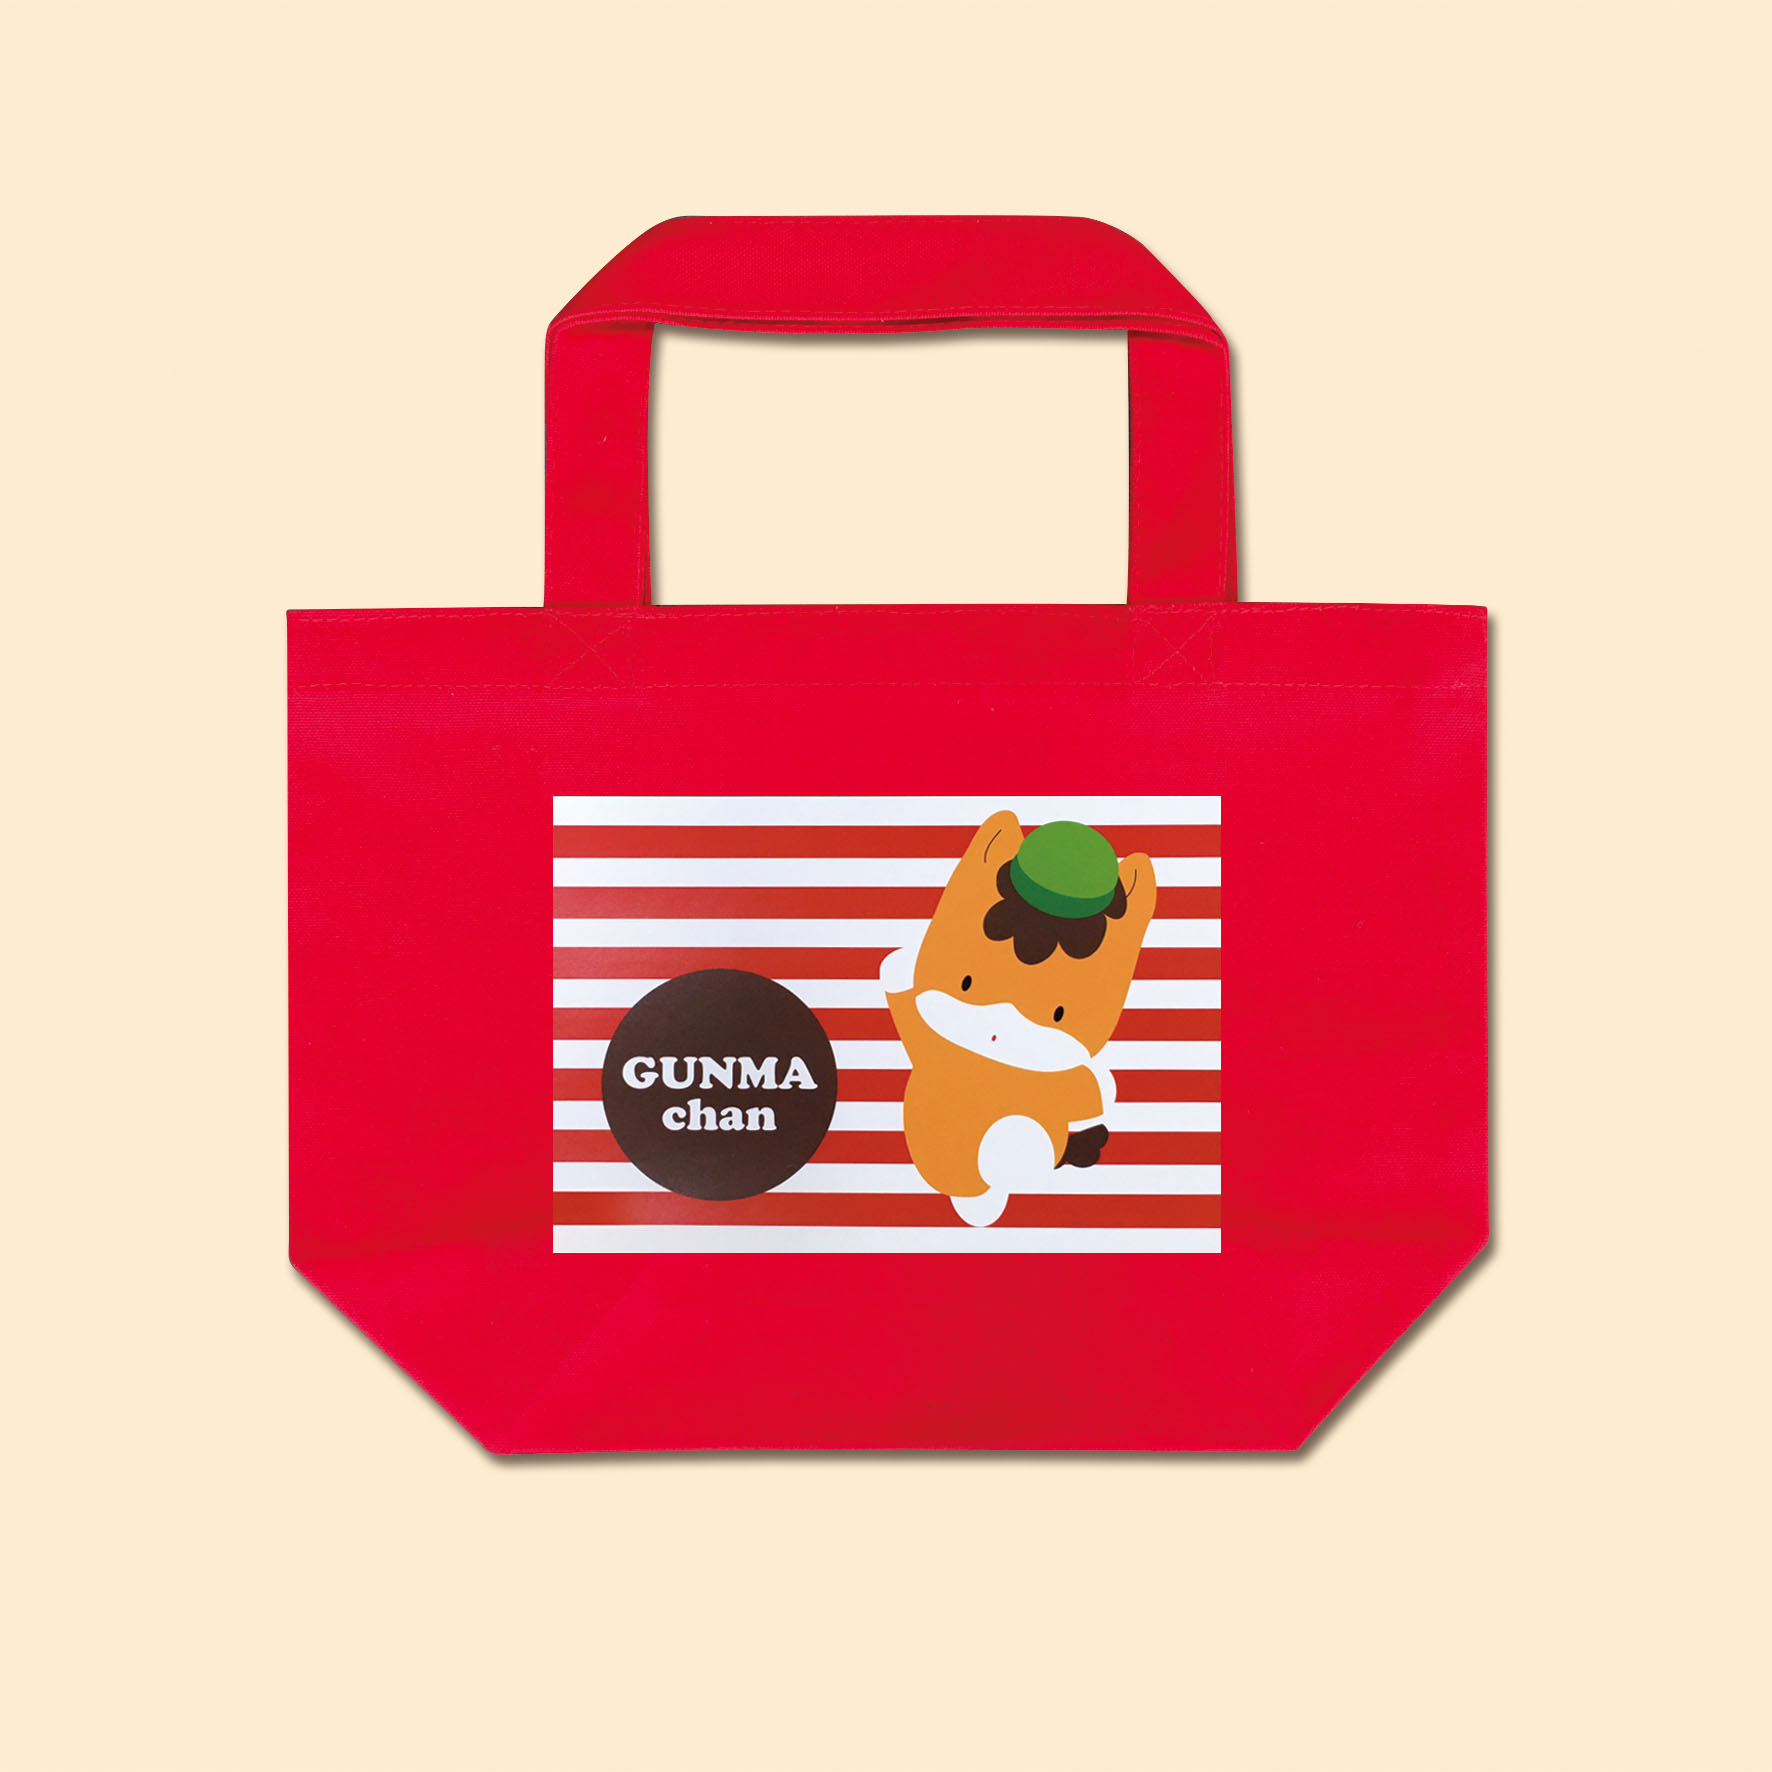 【お買い物に♪】ぐんまちゃんトートバッグ(赤)